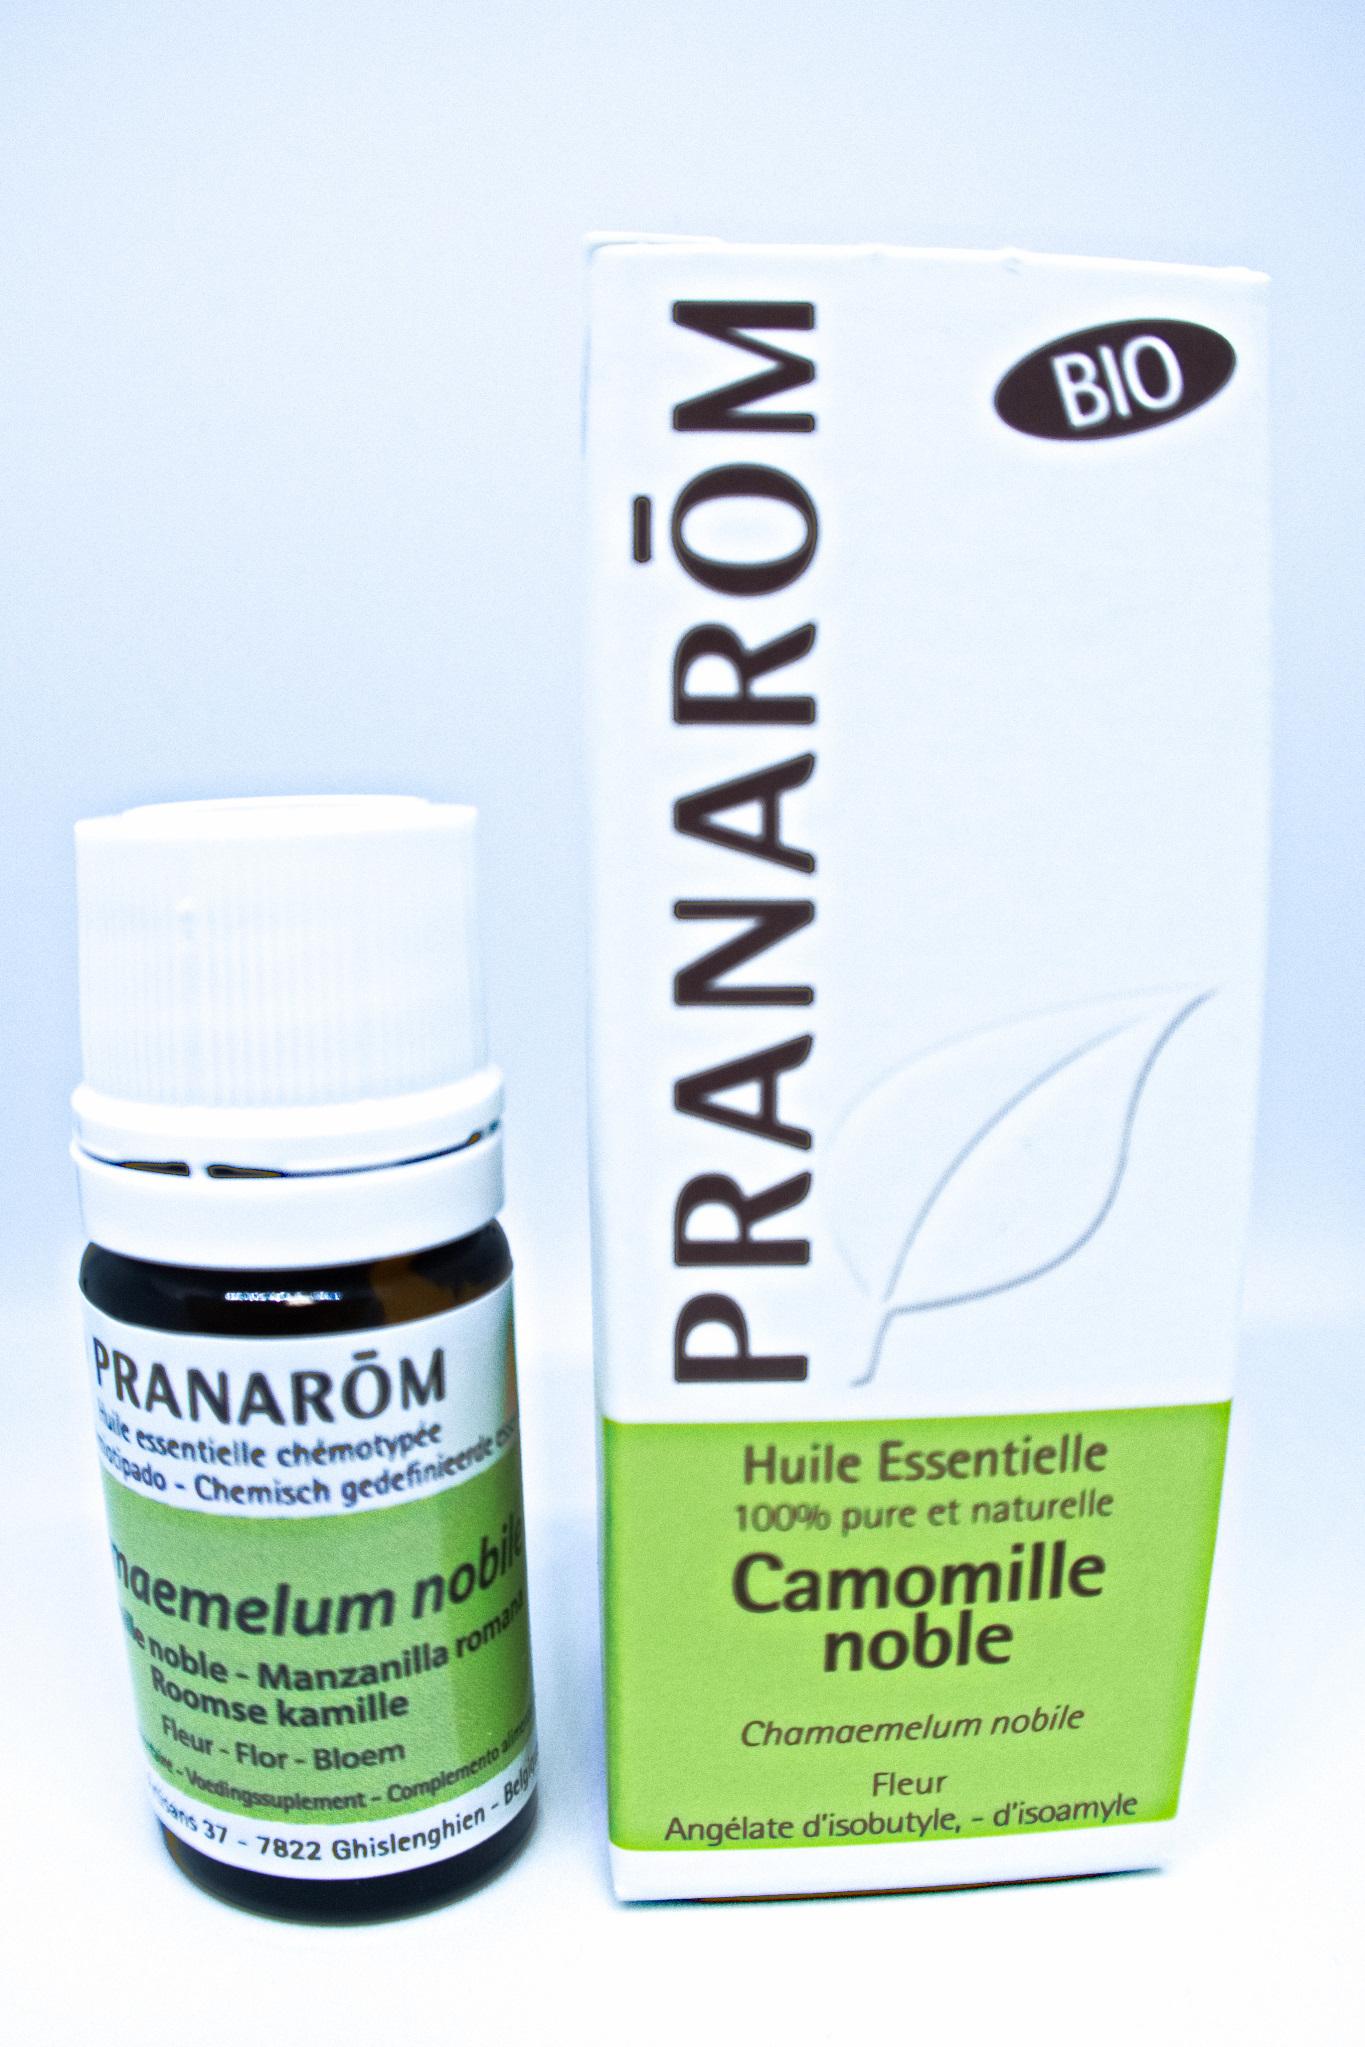 プラナロム カモミールローマン 5ml (PRANAROM Camomille noble)